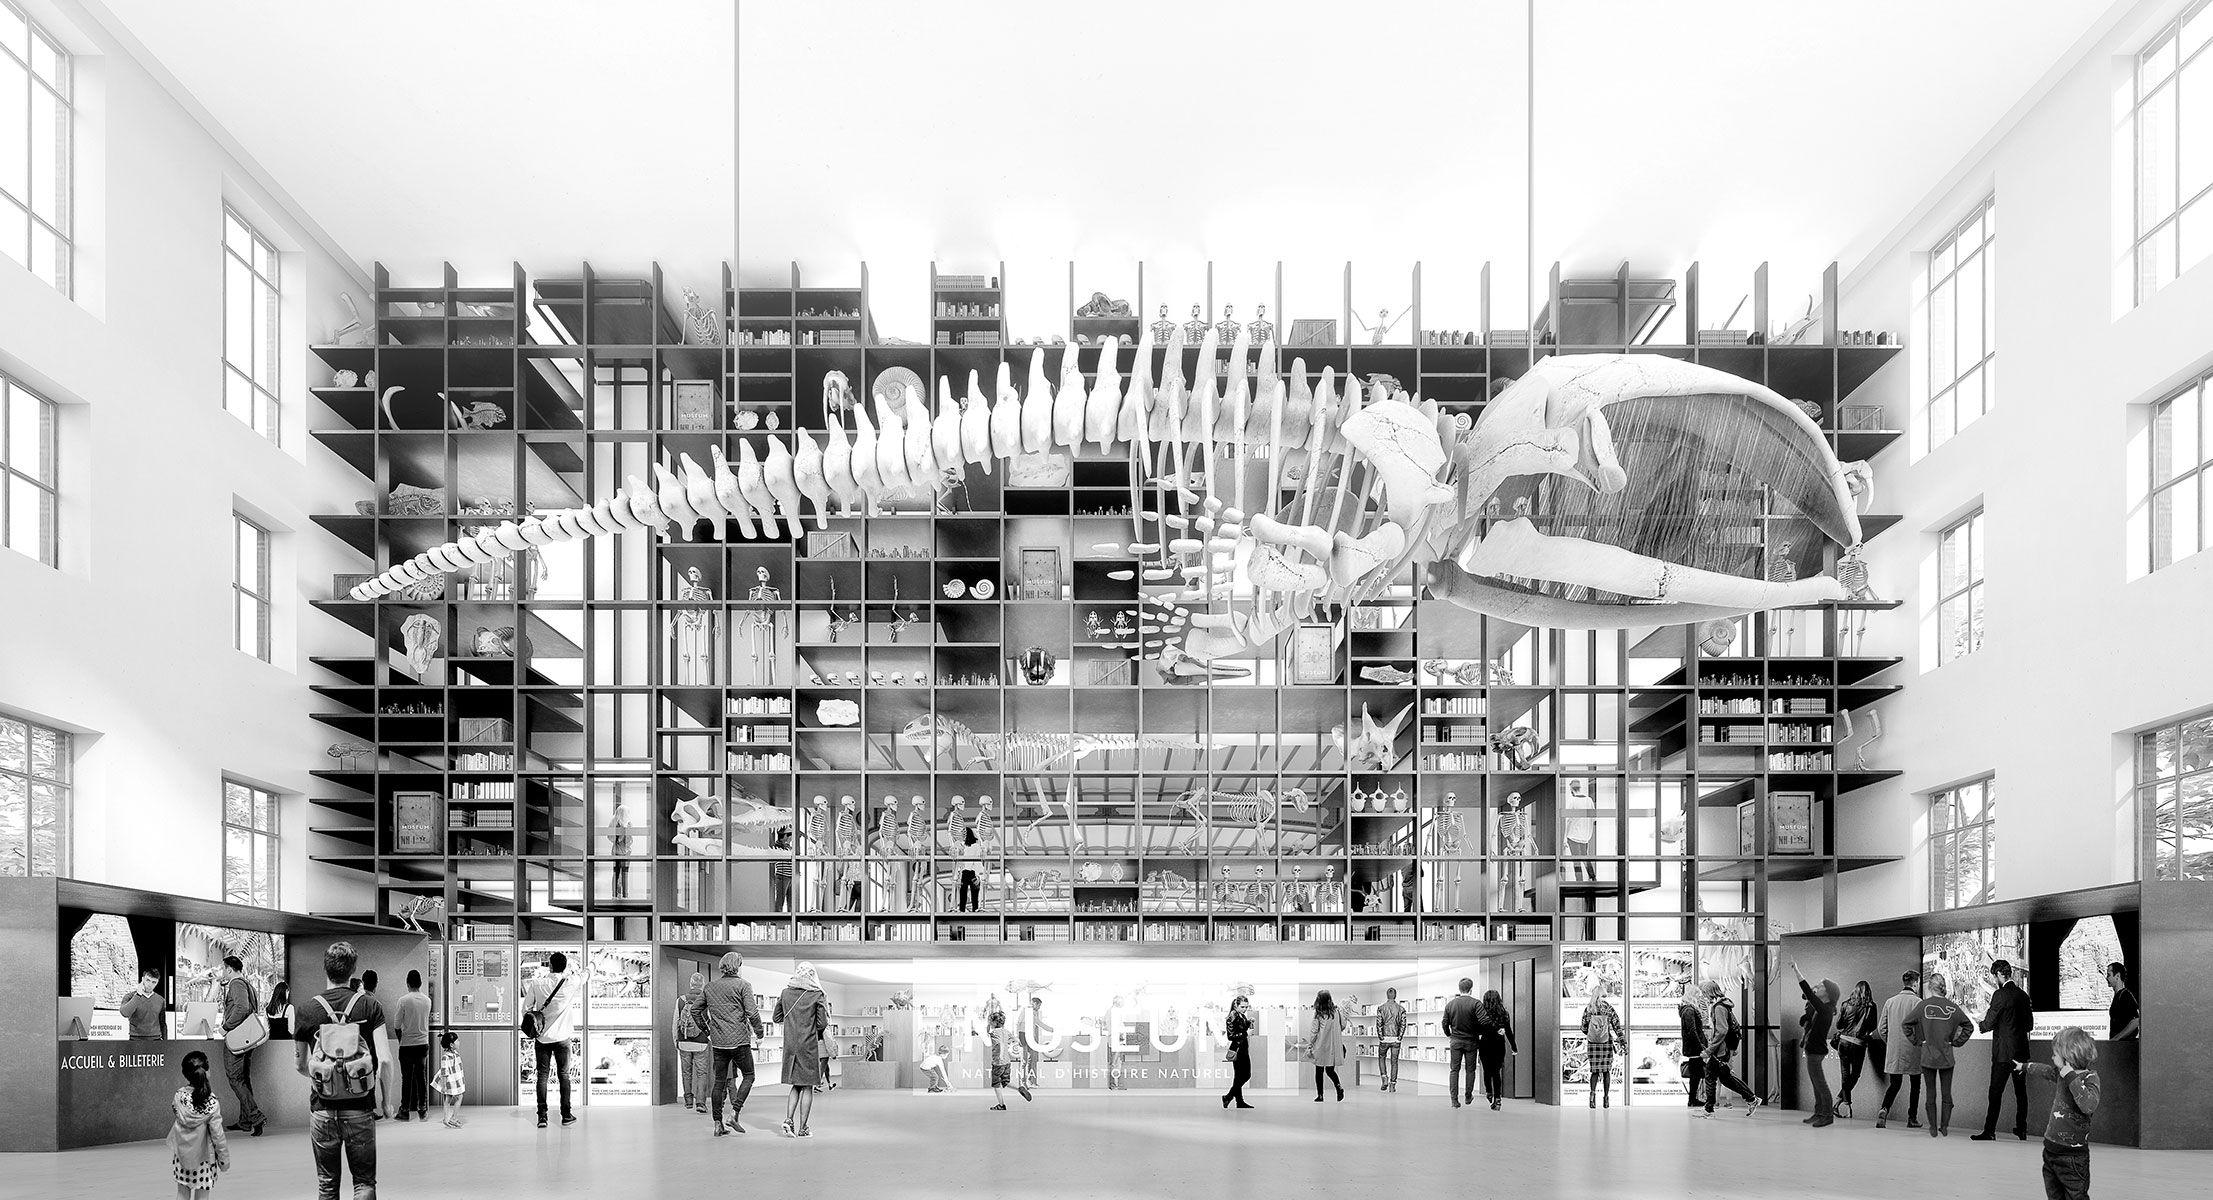 Razzle dazzle bureau d architecture museum national d histoire